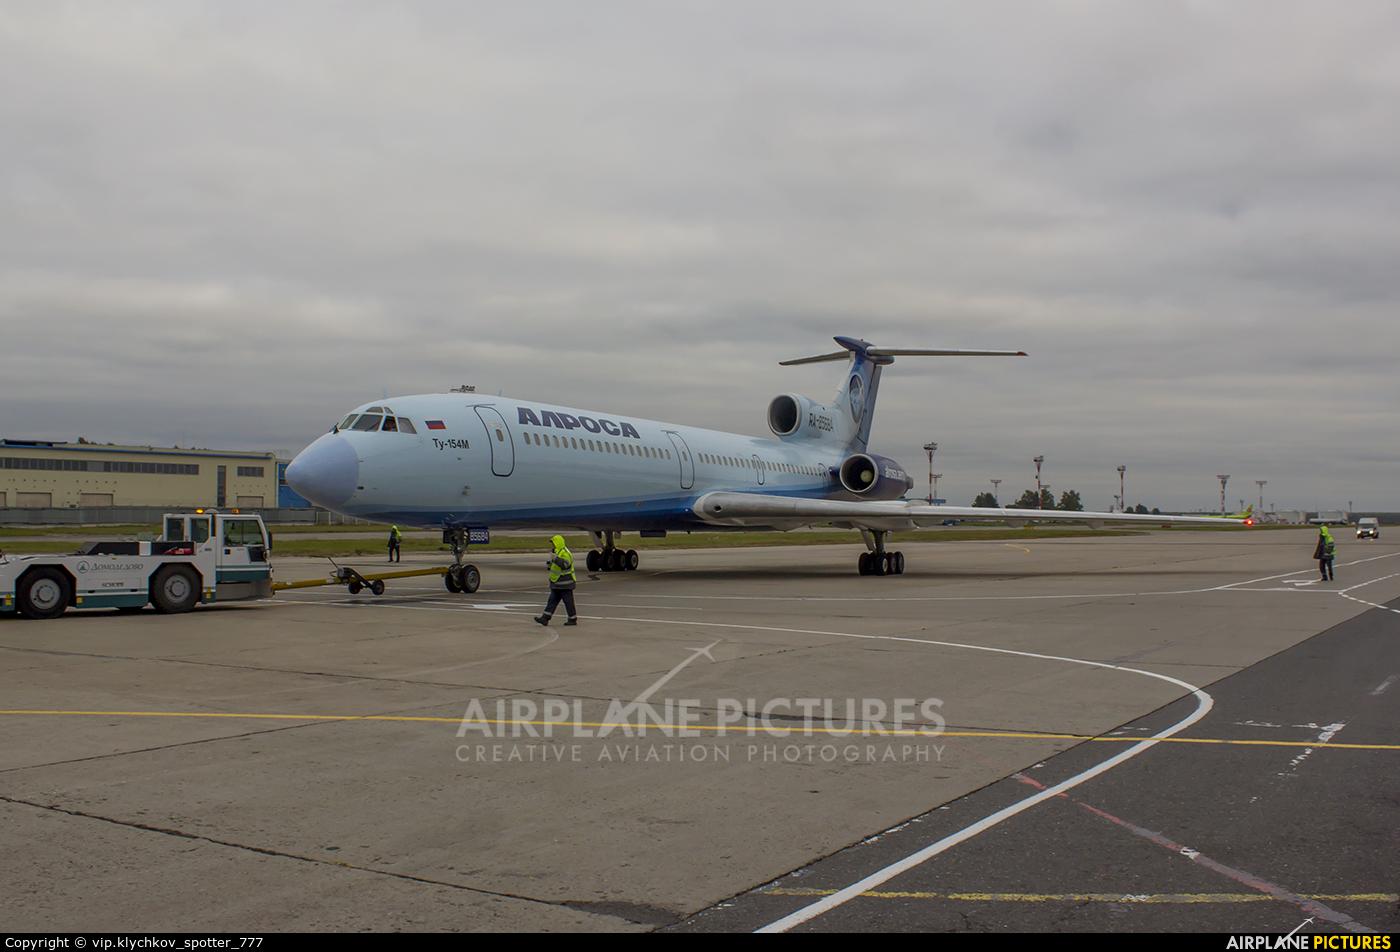 Alrosa RA-85684 aircraft at Moscow - Domodedovo